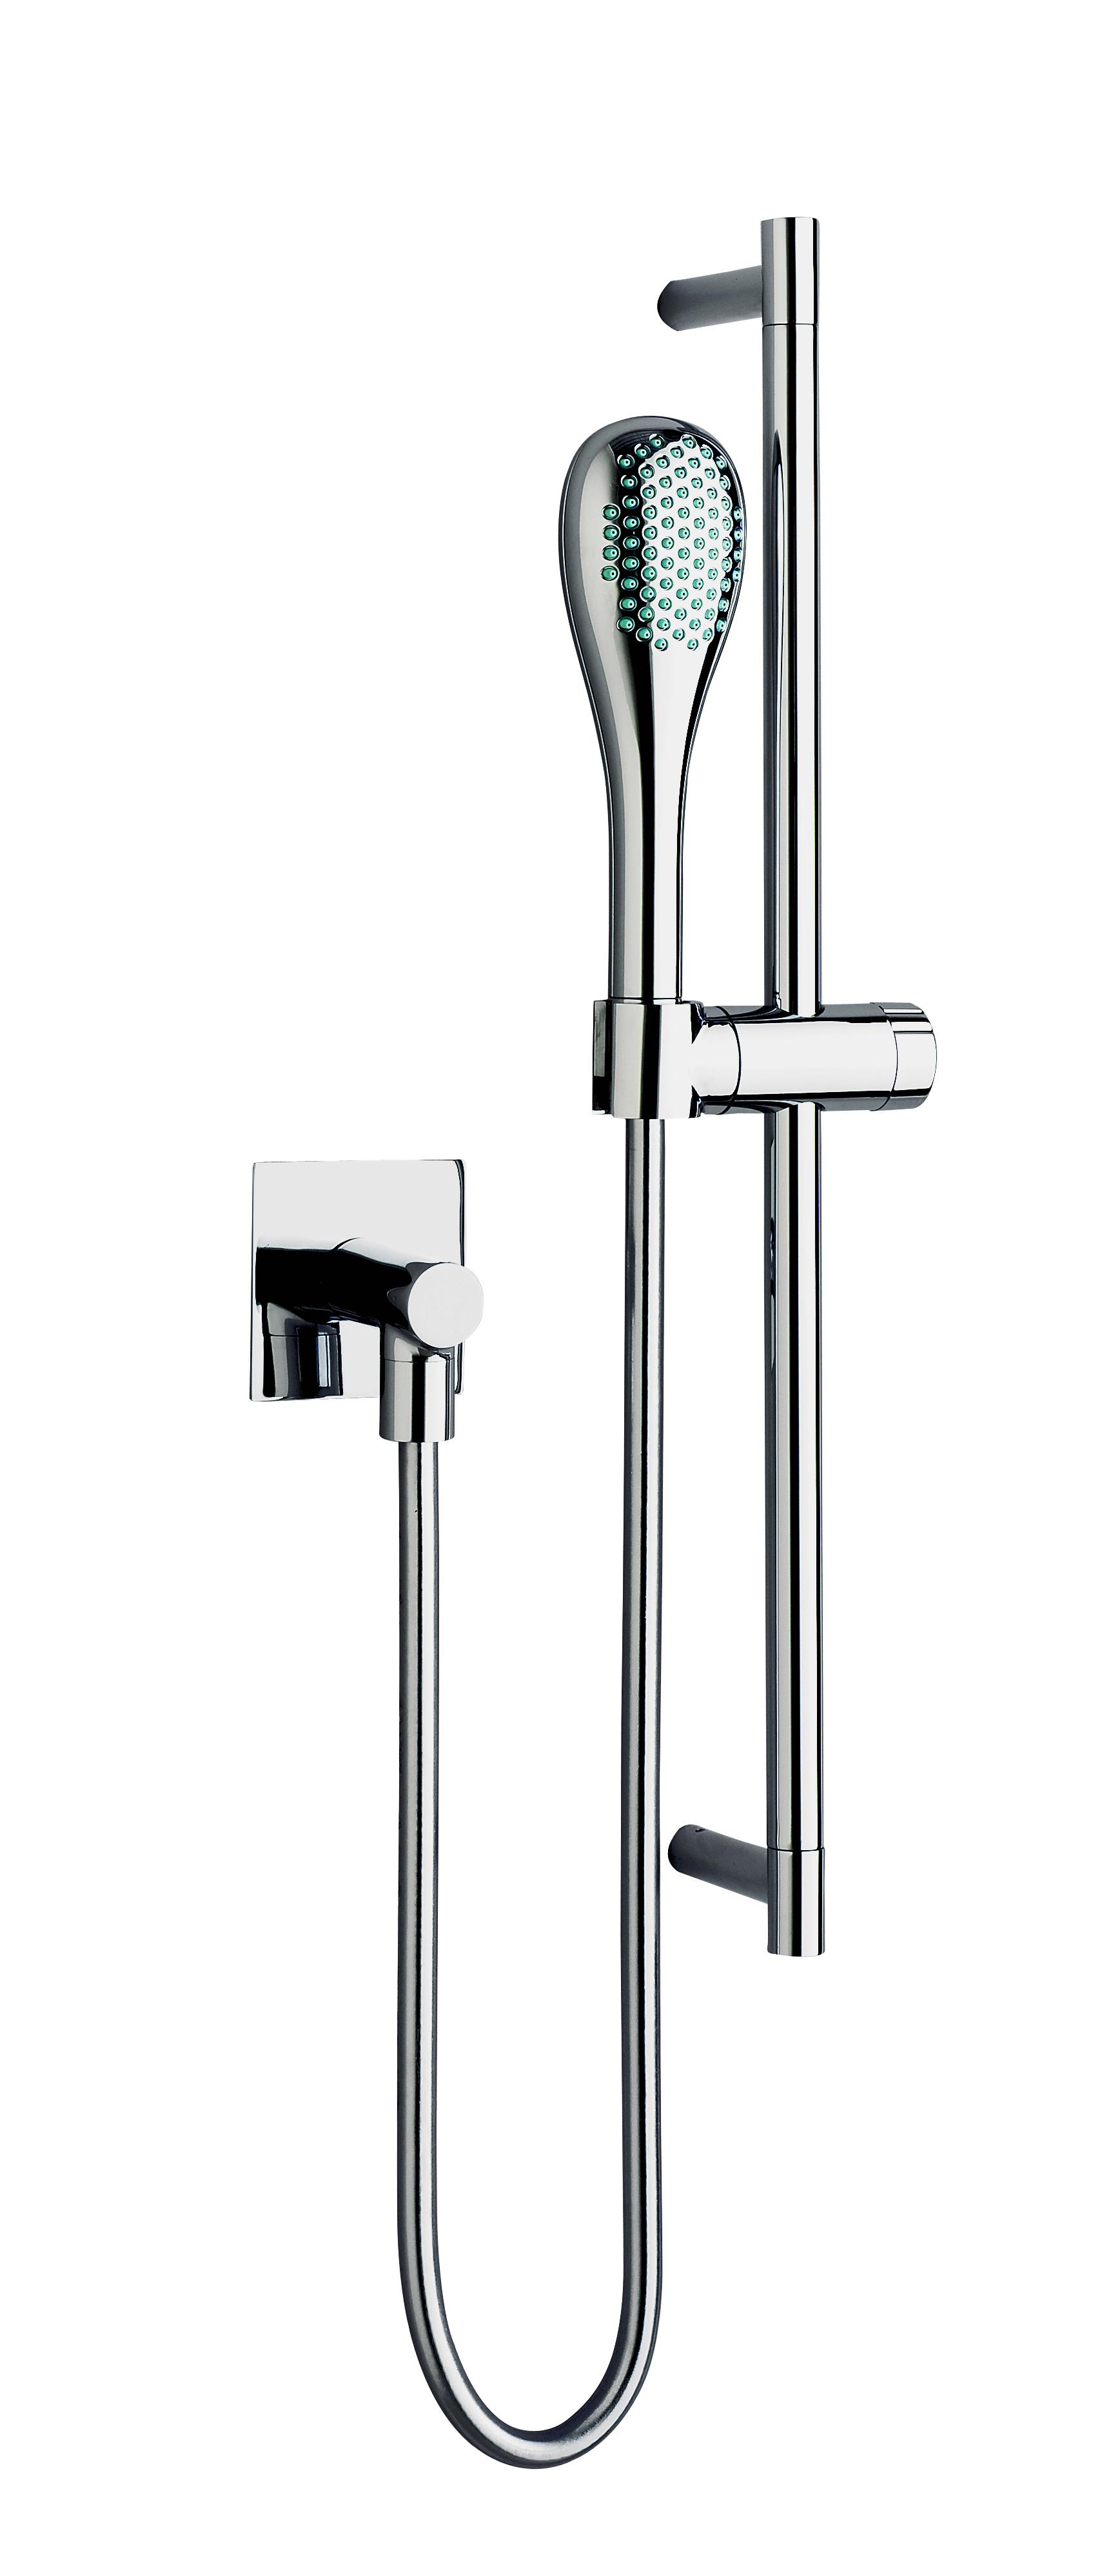 Istanbul set de douche, douchette avec fonction anticalcaire EasyClean